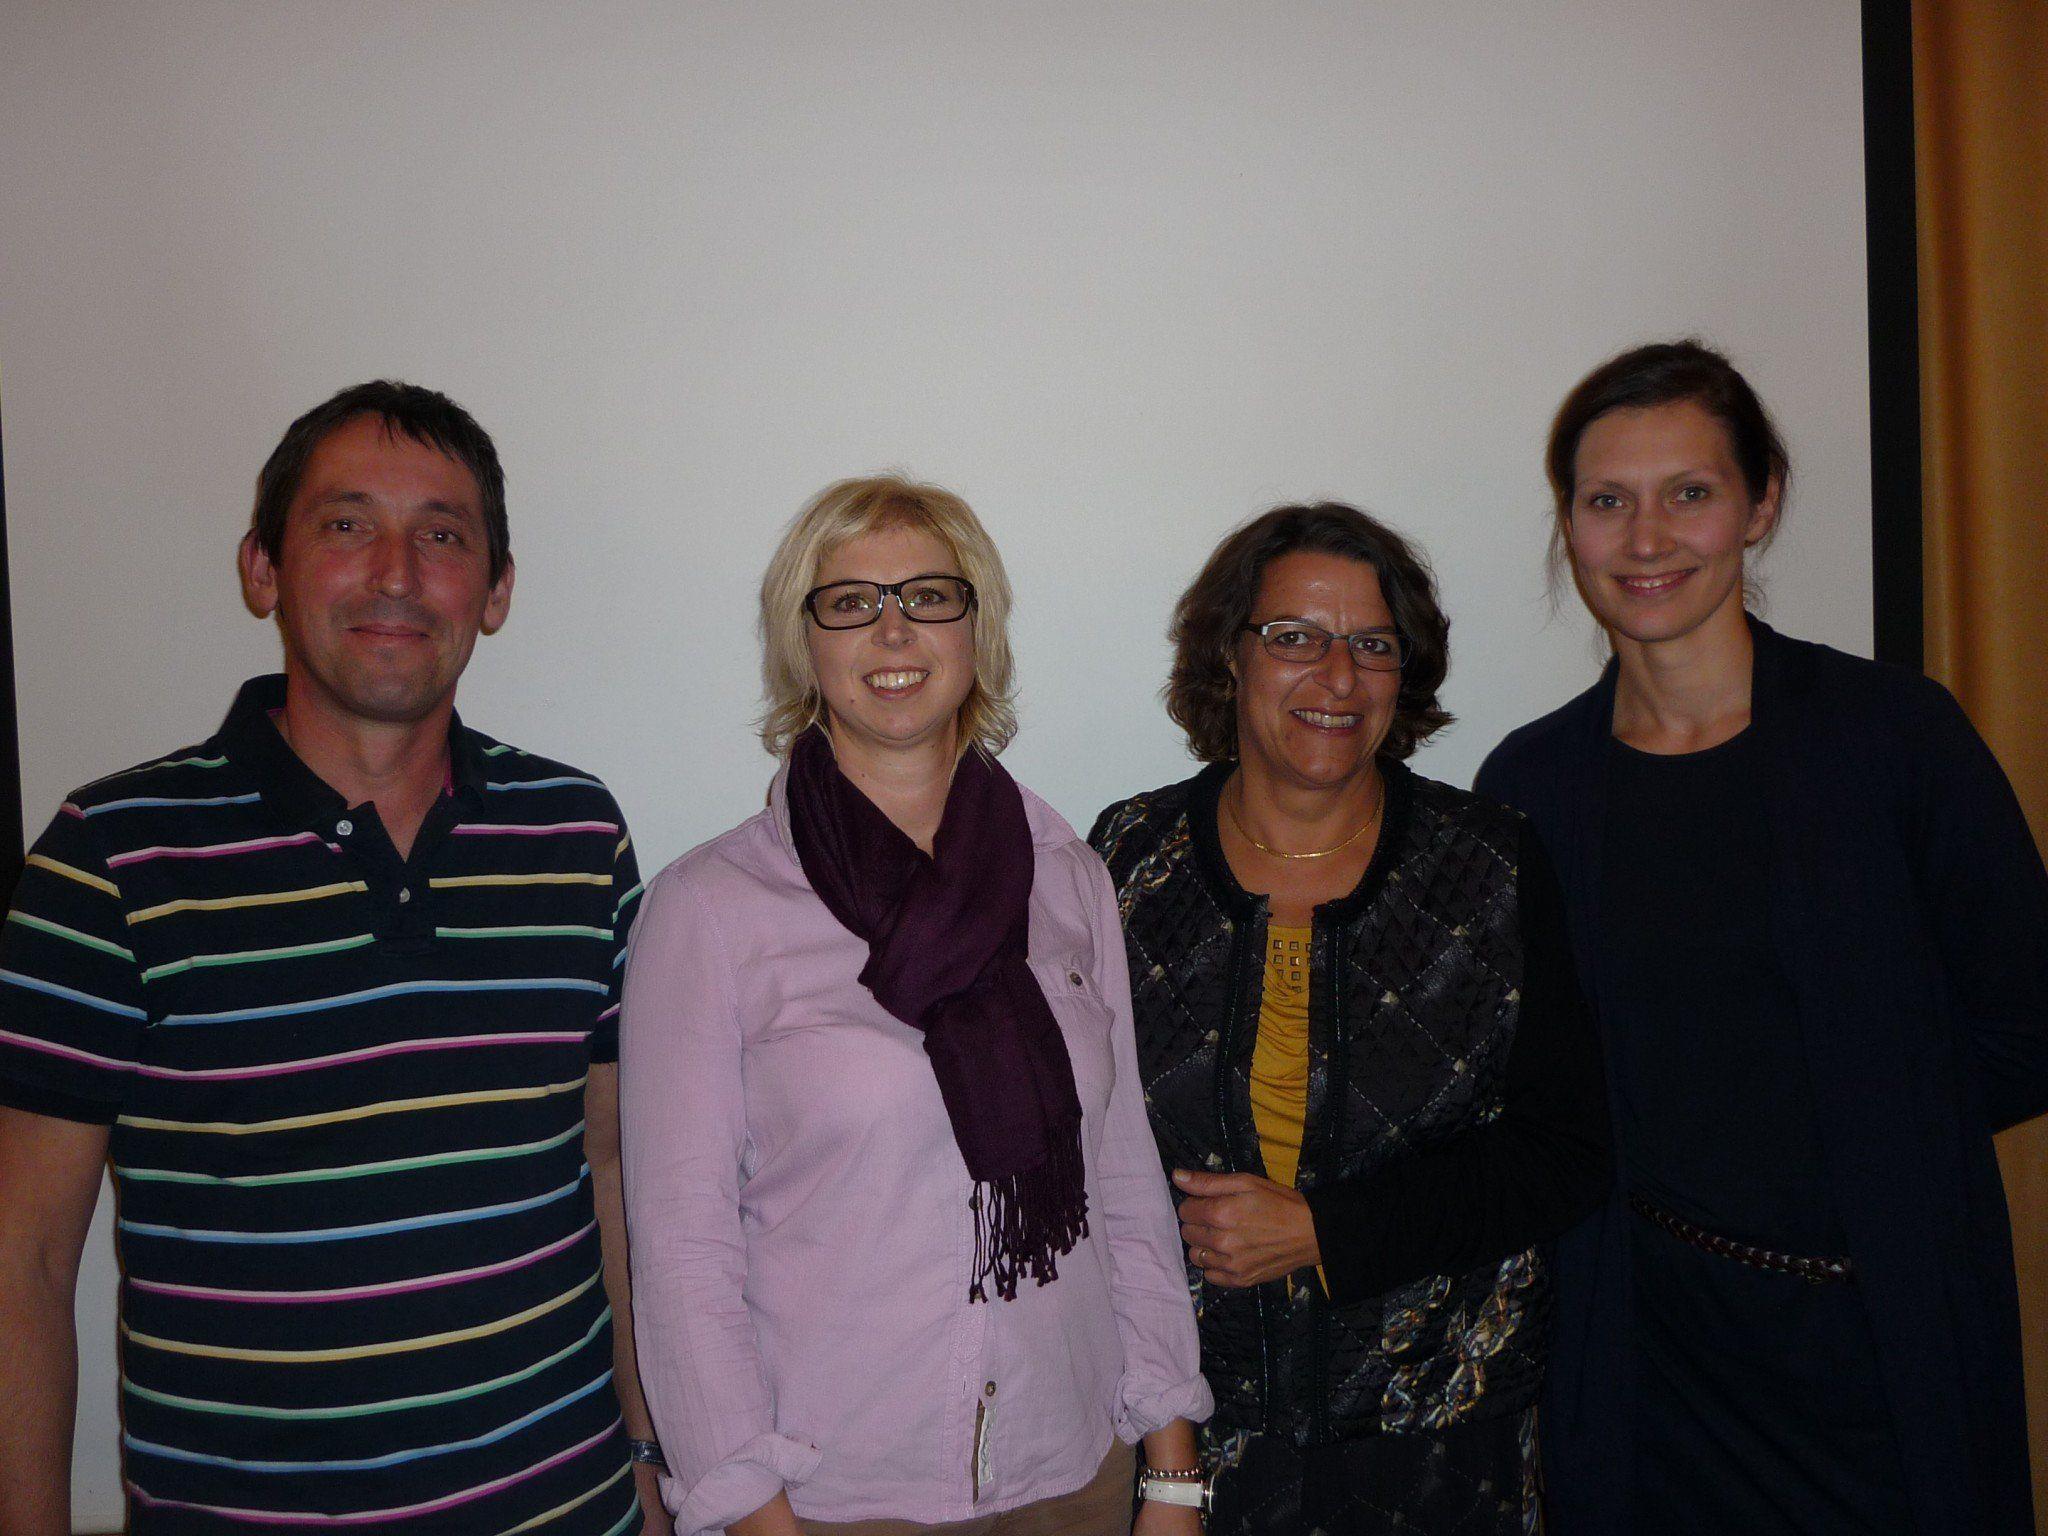 Christian Beiser (Schriftführer), Veronika Sonderegger-Kiesler (Obfrau), Beatrix Mikaele (Obfraustellvertreterin) und Barbara Mader-Riml (Kassierin)